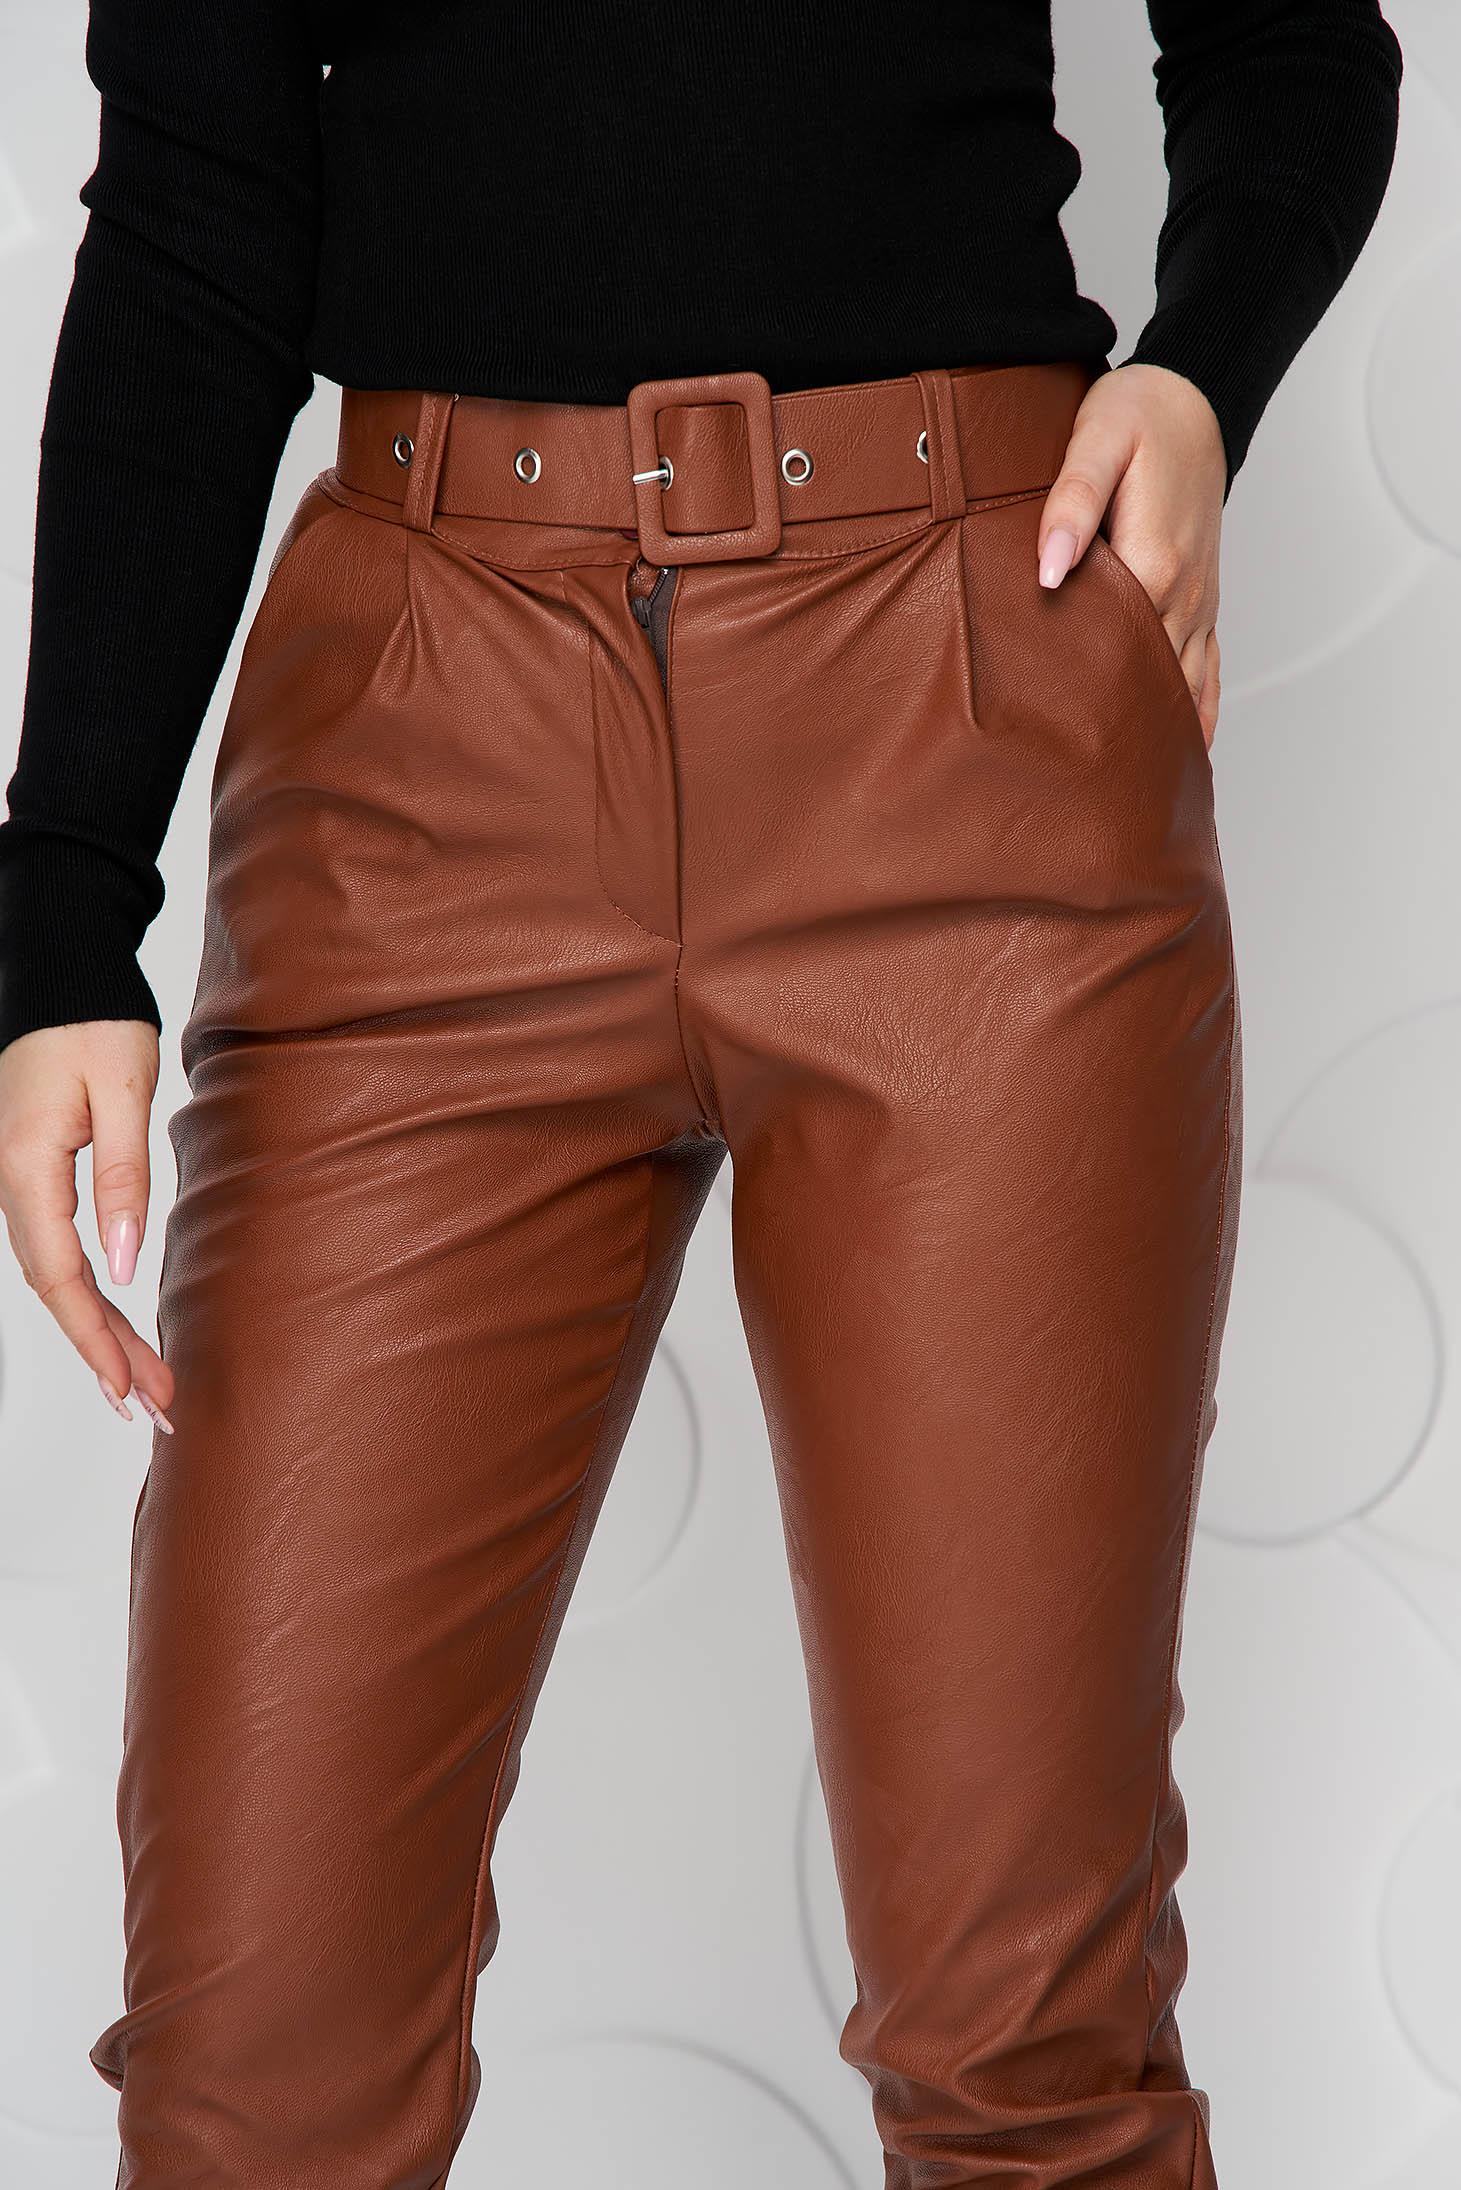 Pantaloni SunShine maro din piele ecologica conici cu accesoriu tip curea